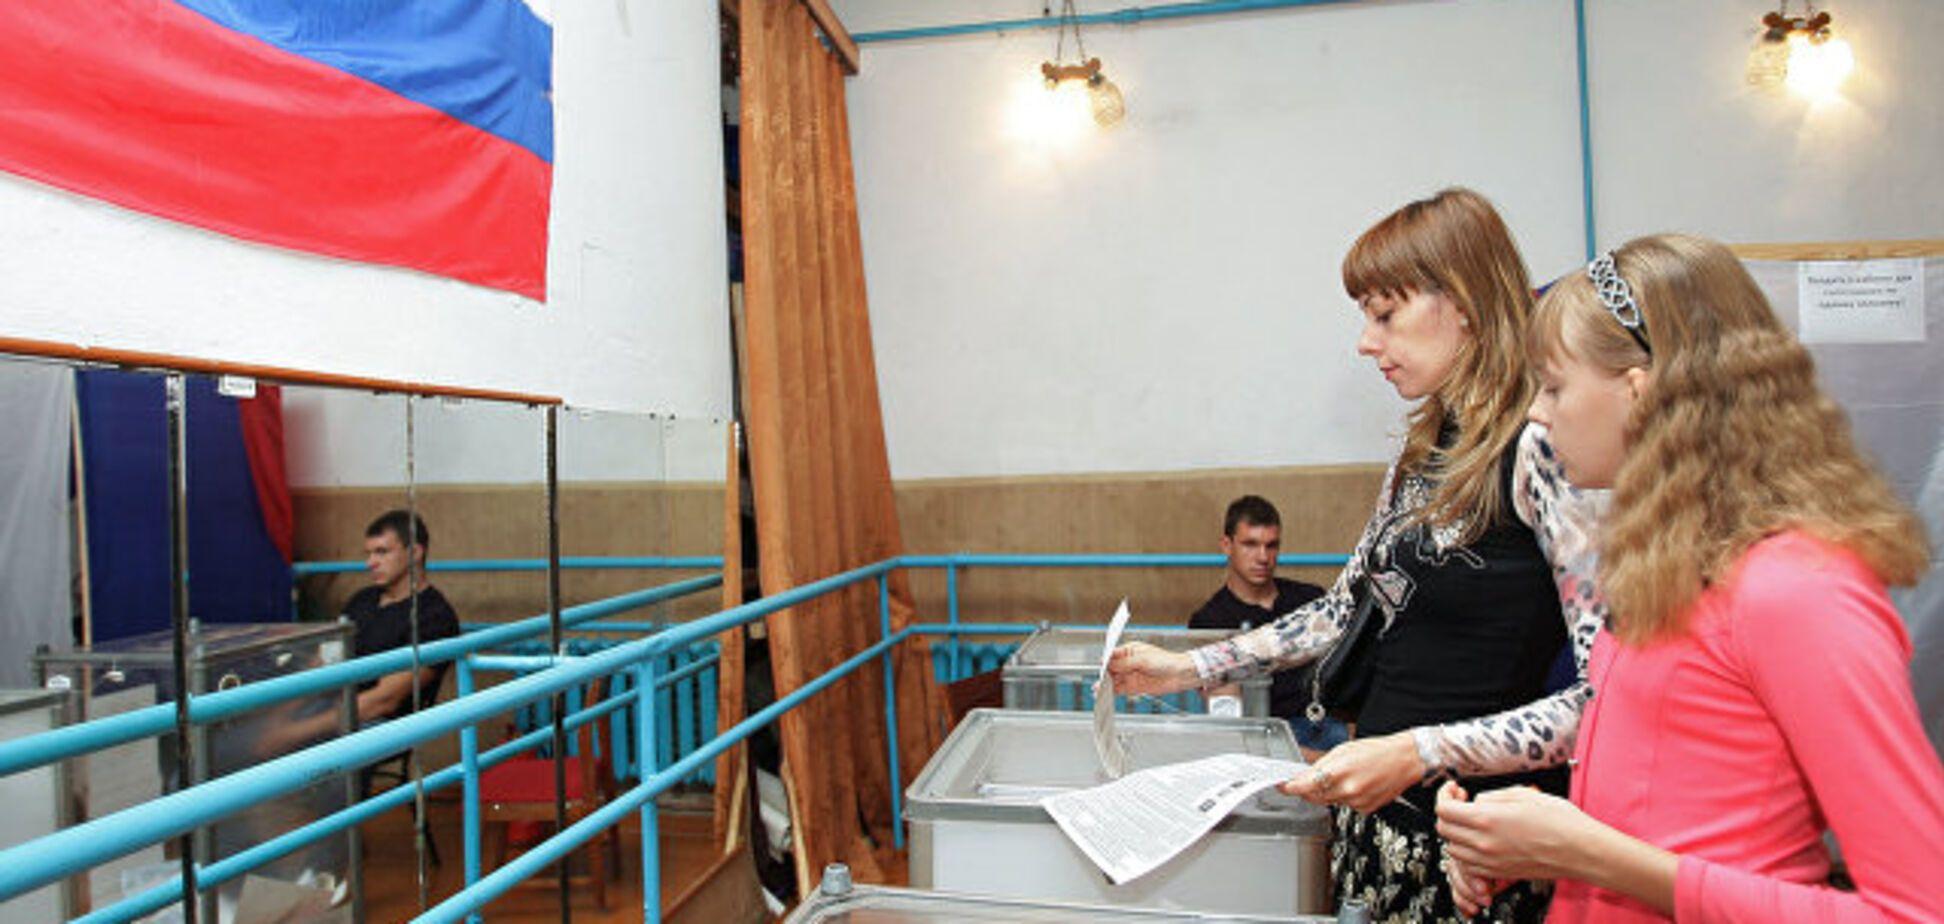 Фейковые выборы в аннексированном Крыму